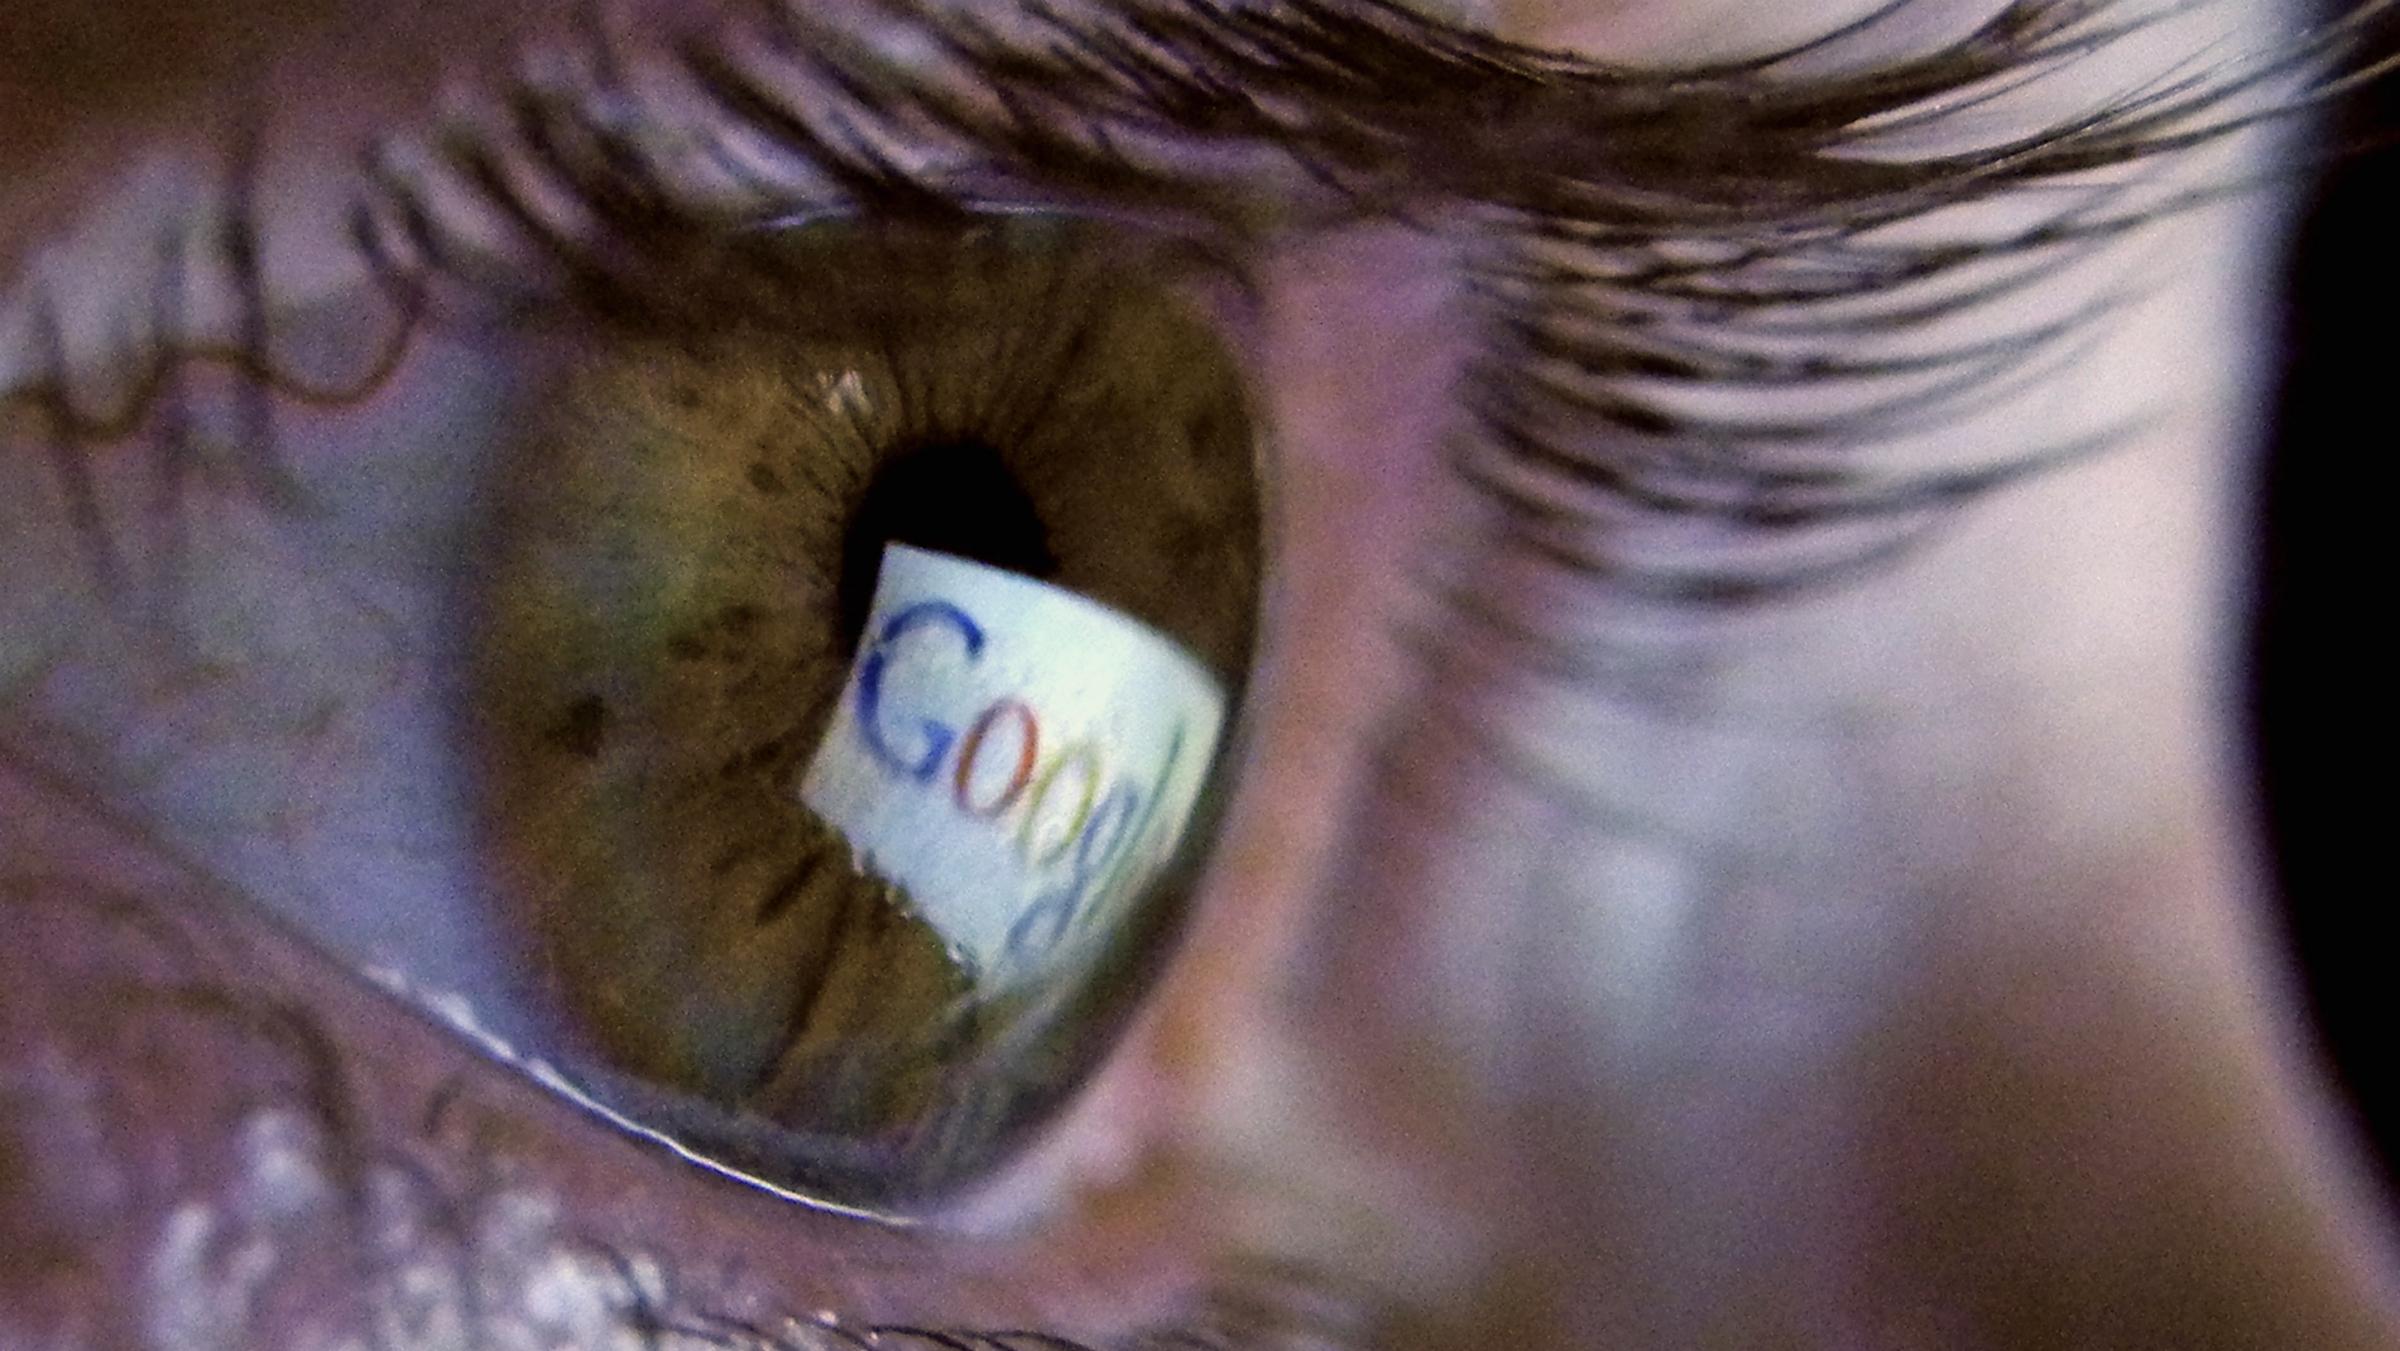 In einem Auge spiegelt sich in Muenchen ein Bildschirm und das Logo des Internetdienstleisters Google (Foto vom 19.01.11). Rund 96 Prozent der Suchanfragen im Internet laufen ueber Google. Die Top drei der insgesamt am haeufigsten gesuchten Begriffe der Suchmaschine im Jahr 2012 waren: Facebook, Youtube, Ebay. (zu dapd-Text) Foto: Joerg Koch/dapd